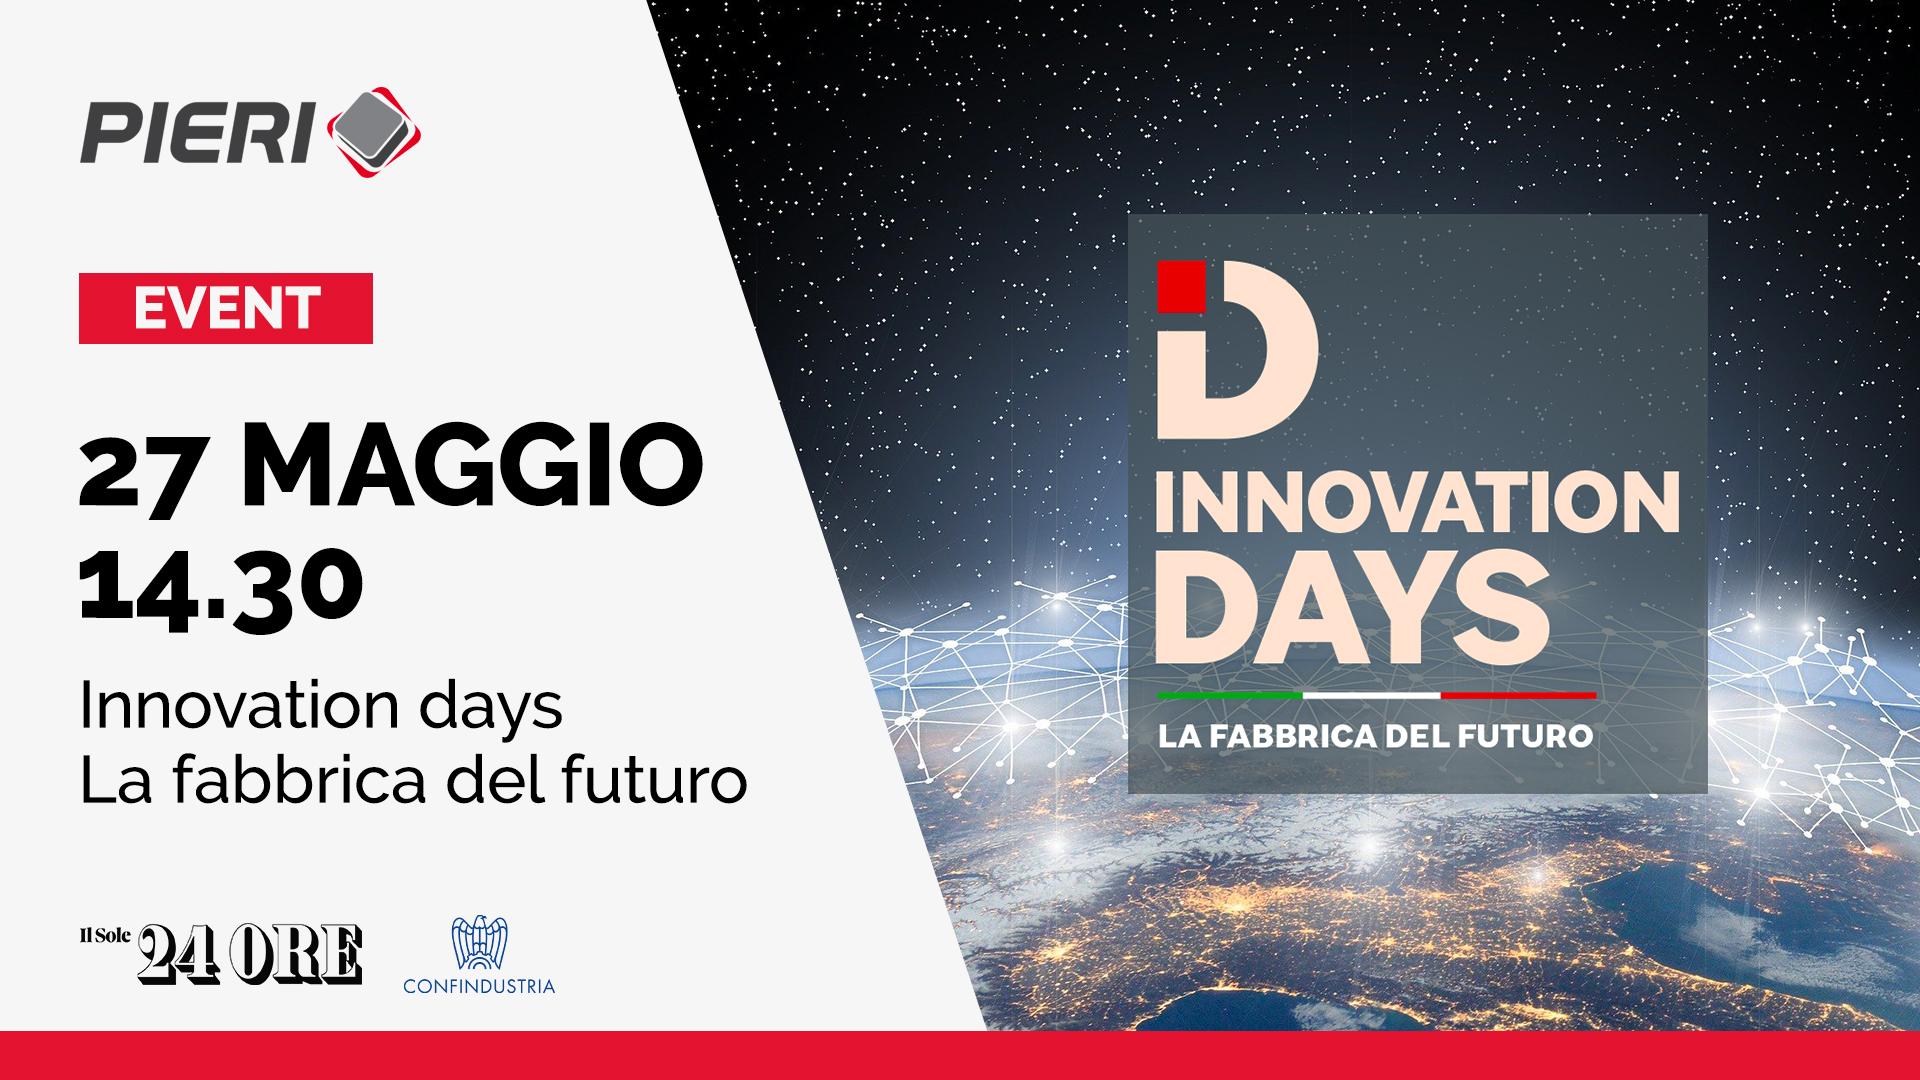 Innovation days Pieri